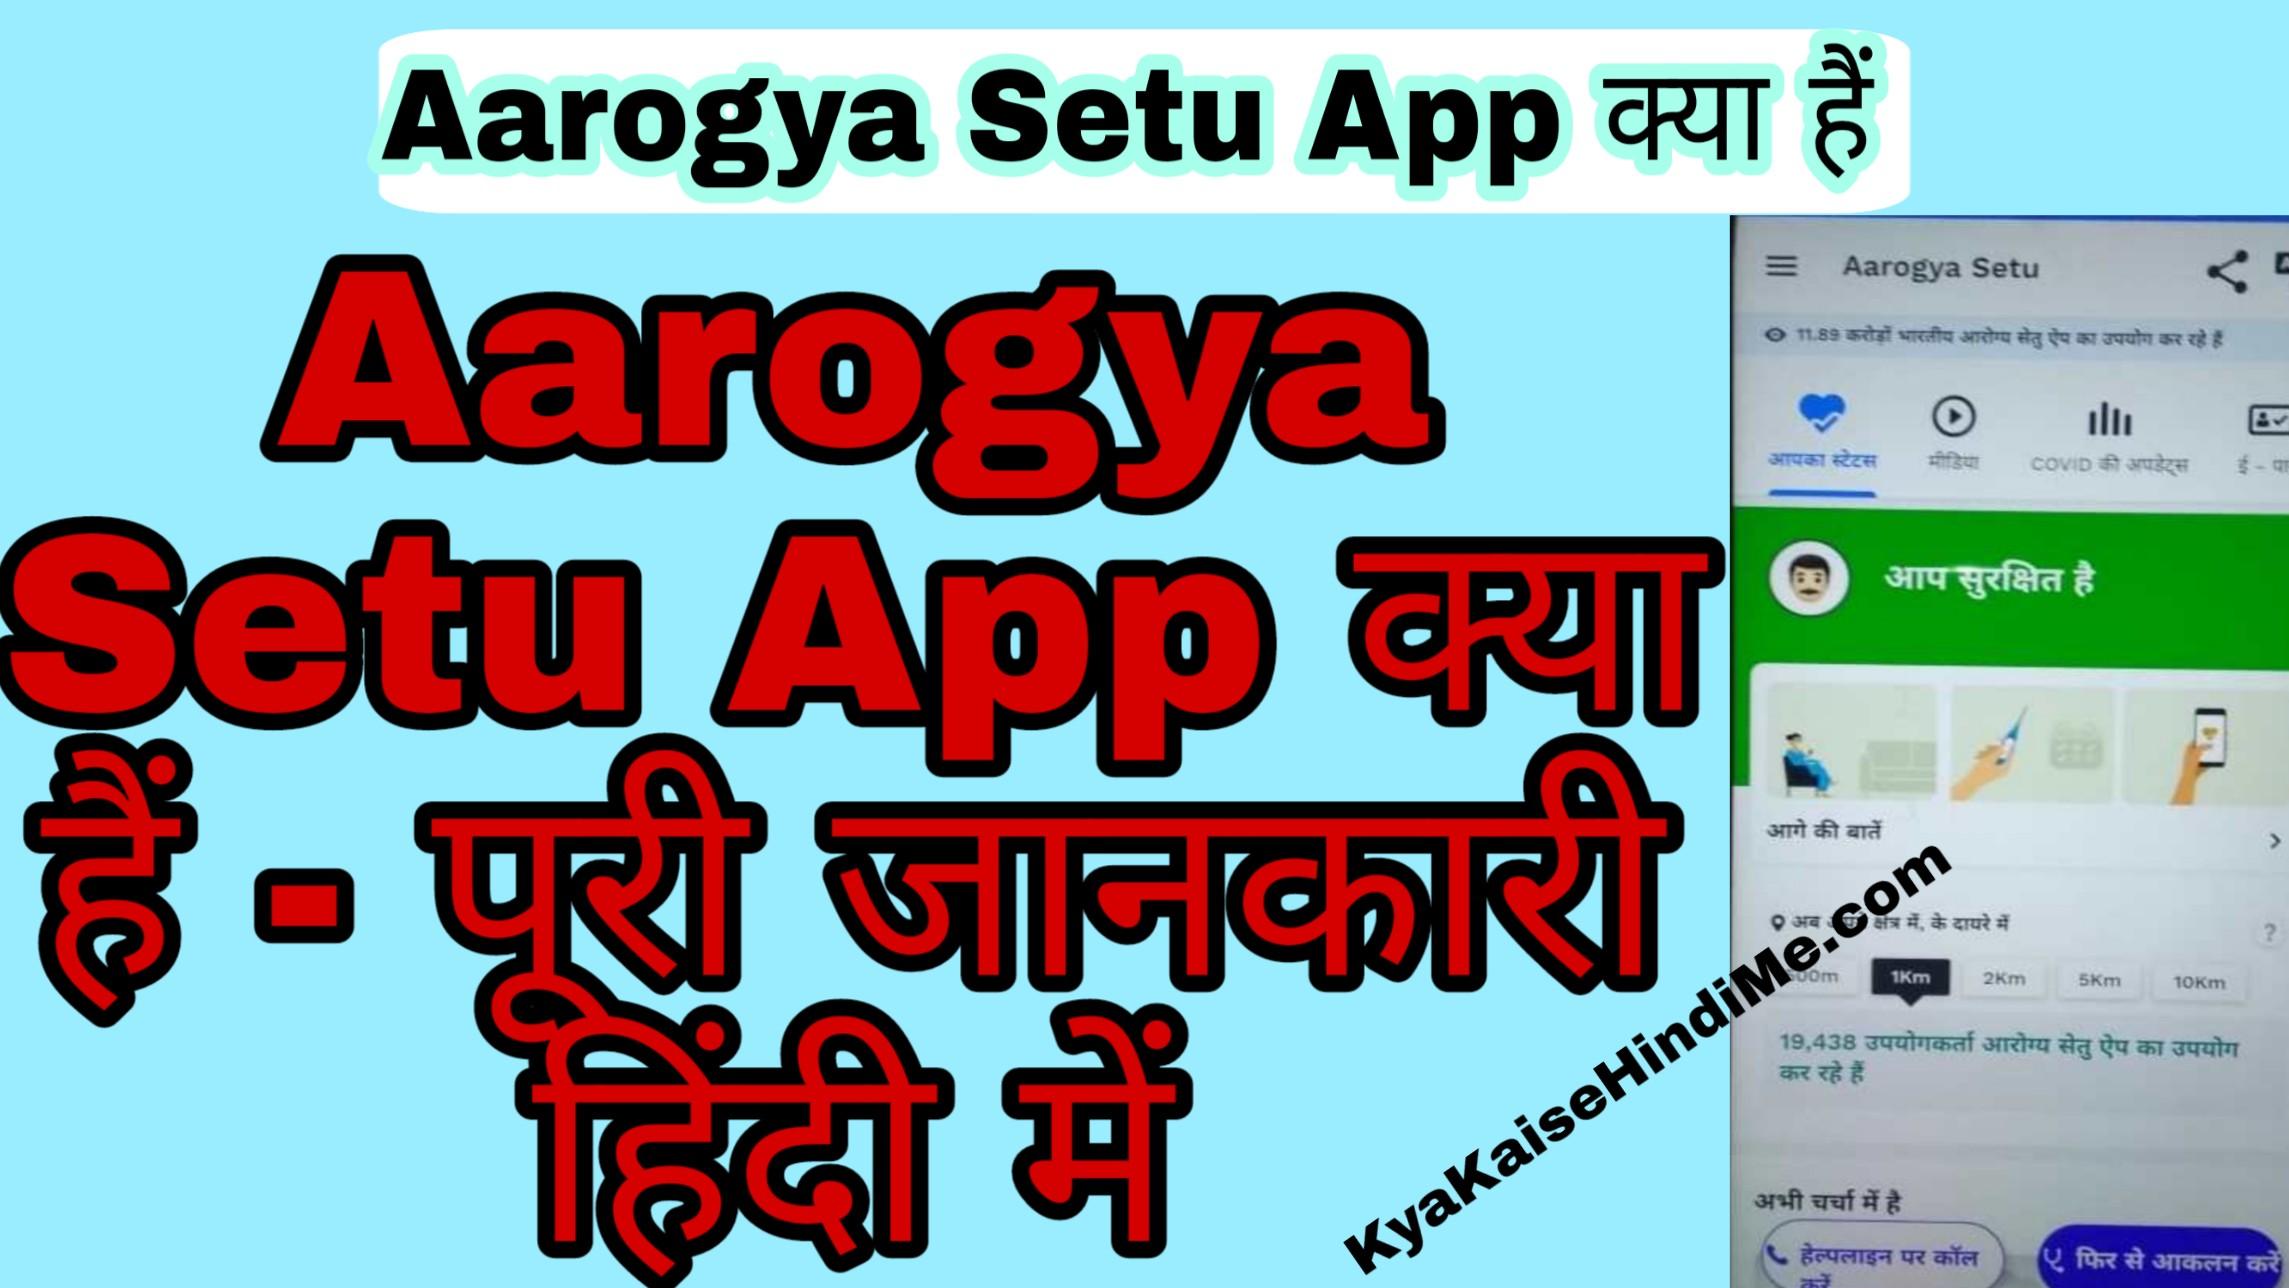 Aarogya Setu App क्या हैं - पूरी जानकारी हिंदी में